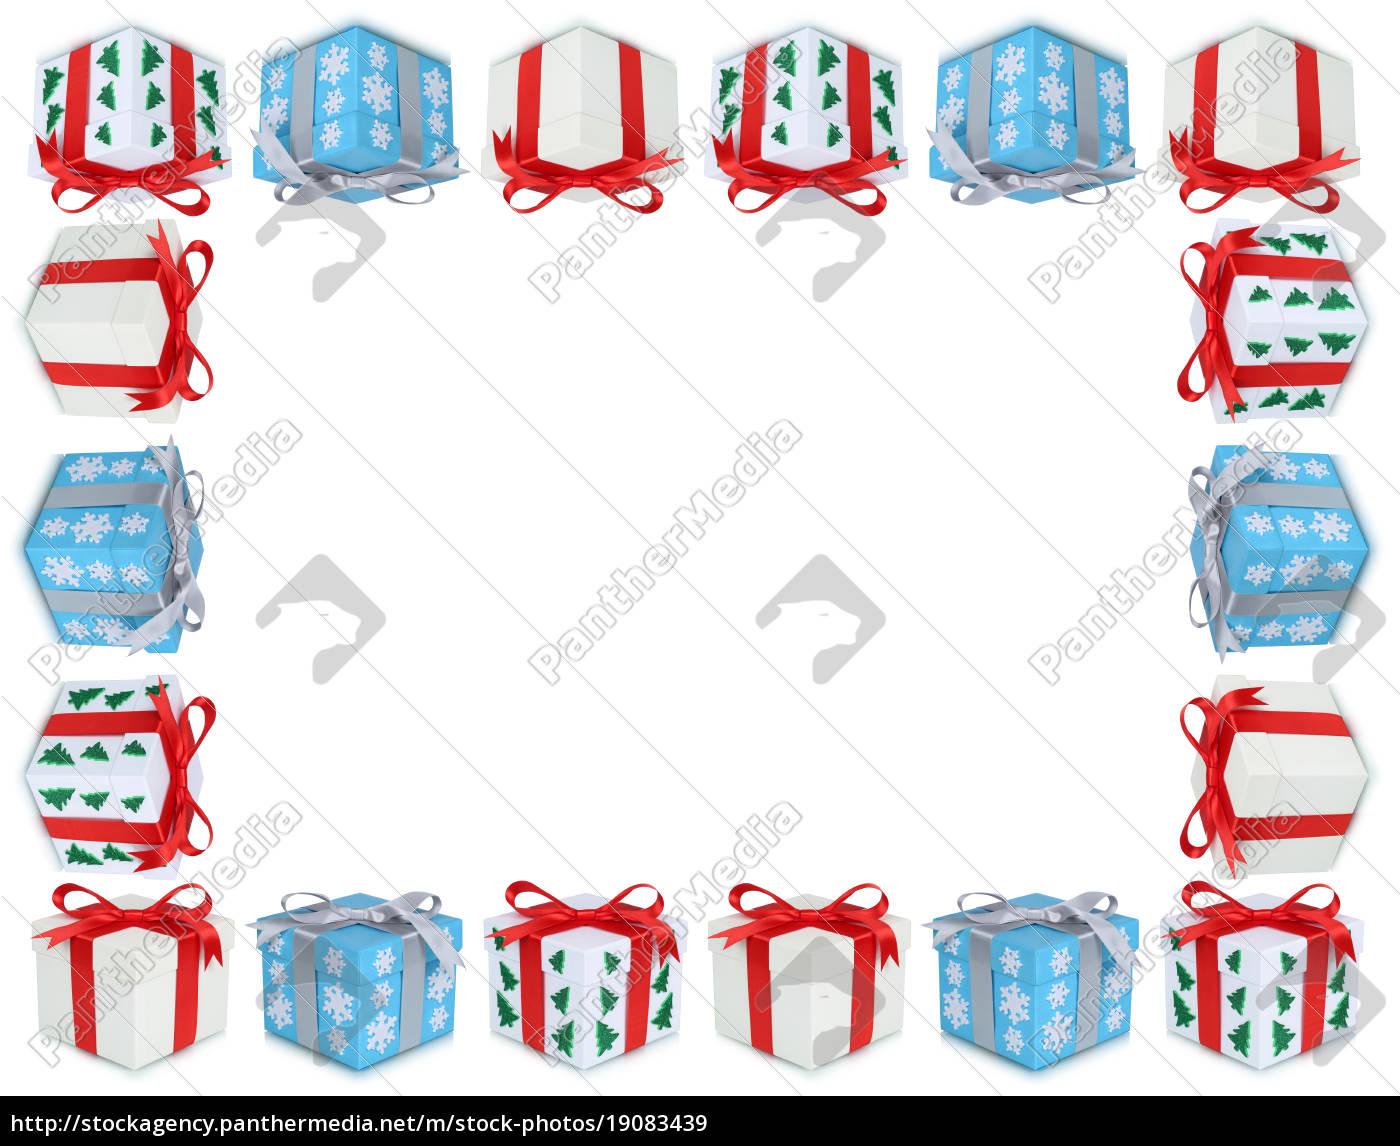 Weihnachtsgeschenk Weihnachten.Lizenzfreies Bild 19083439 Weihnachtsgeschenke Weihnachtsgeschenk Weihnachten Geschenk